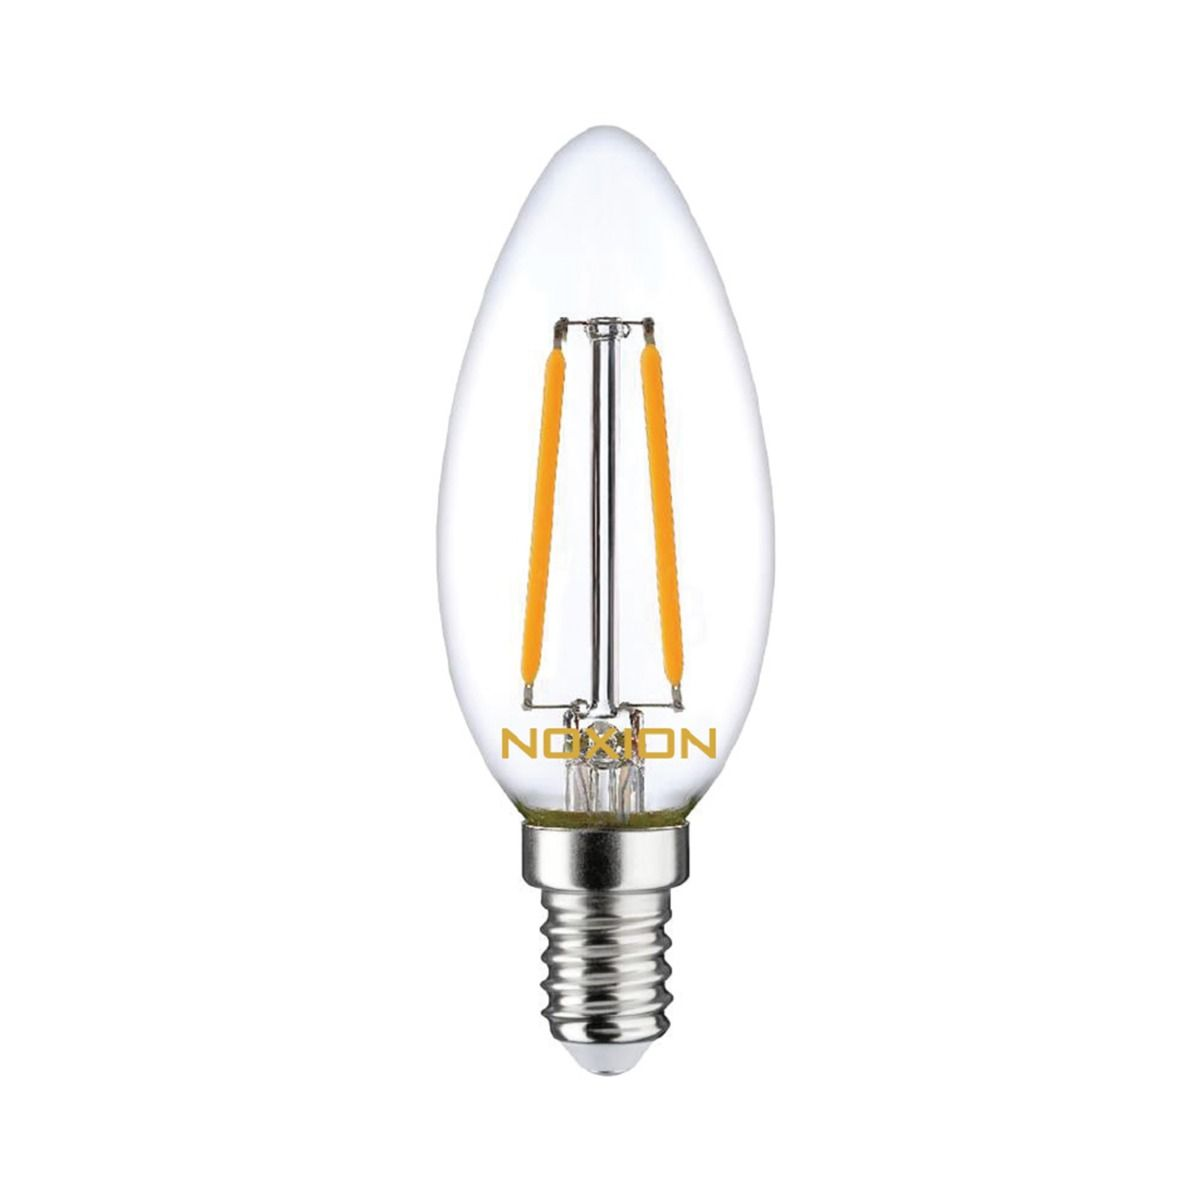 Noxion Lucent Filament LED Bougie B35 E14 2.5W 250lm 827 | Dimmable - Blanc Très Chaud - Équivalent 25W